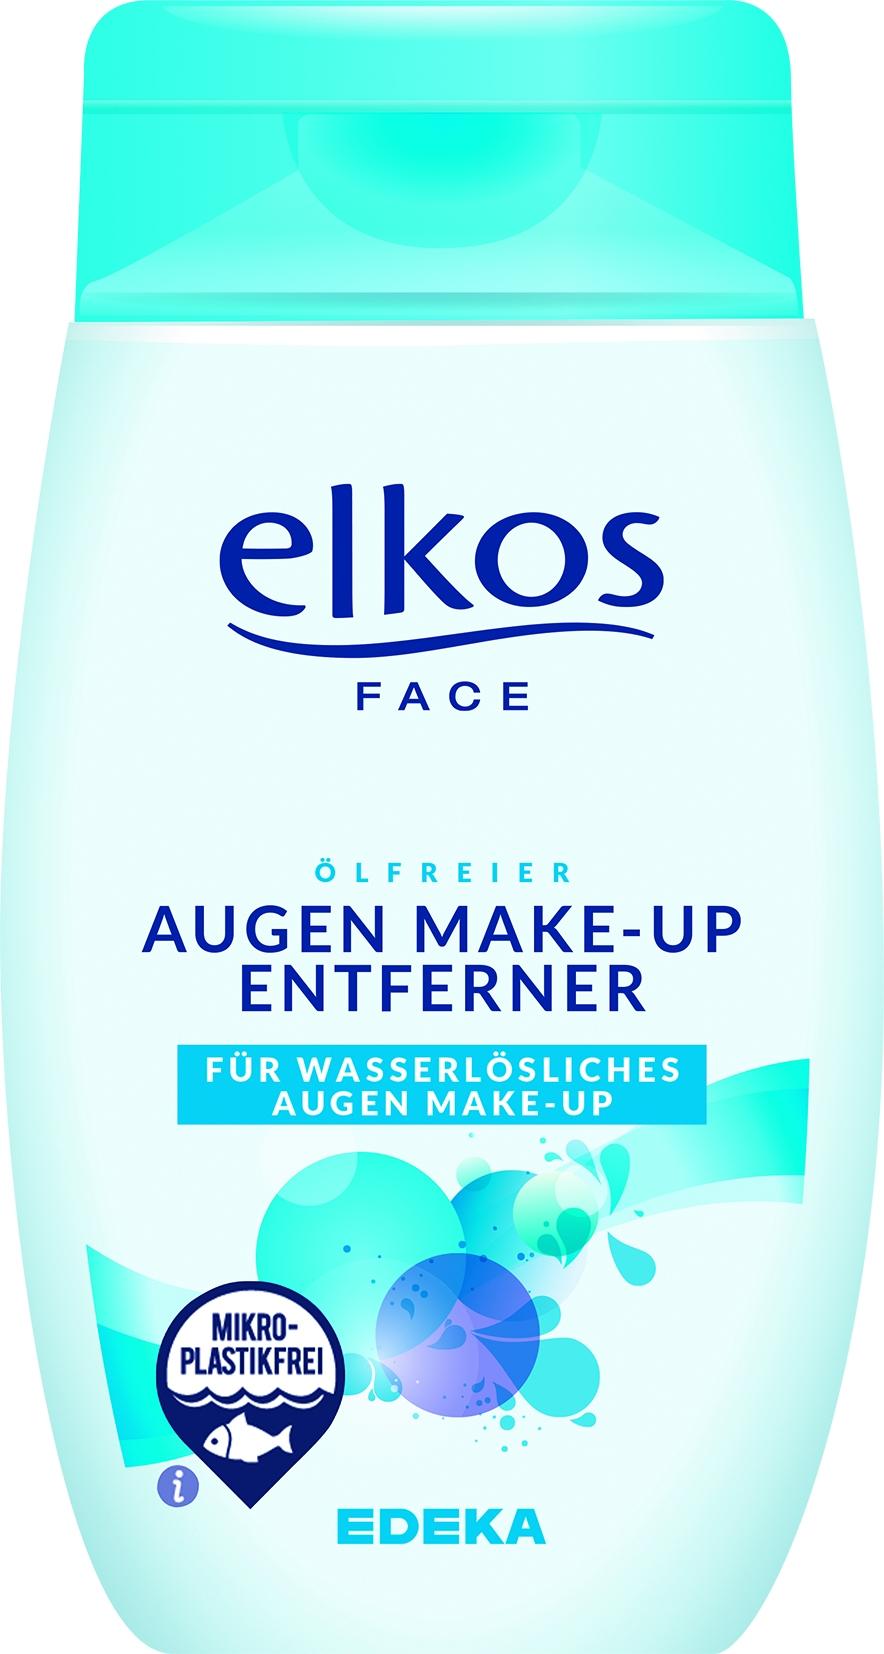 Augen-Makeup Entferner